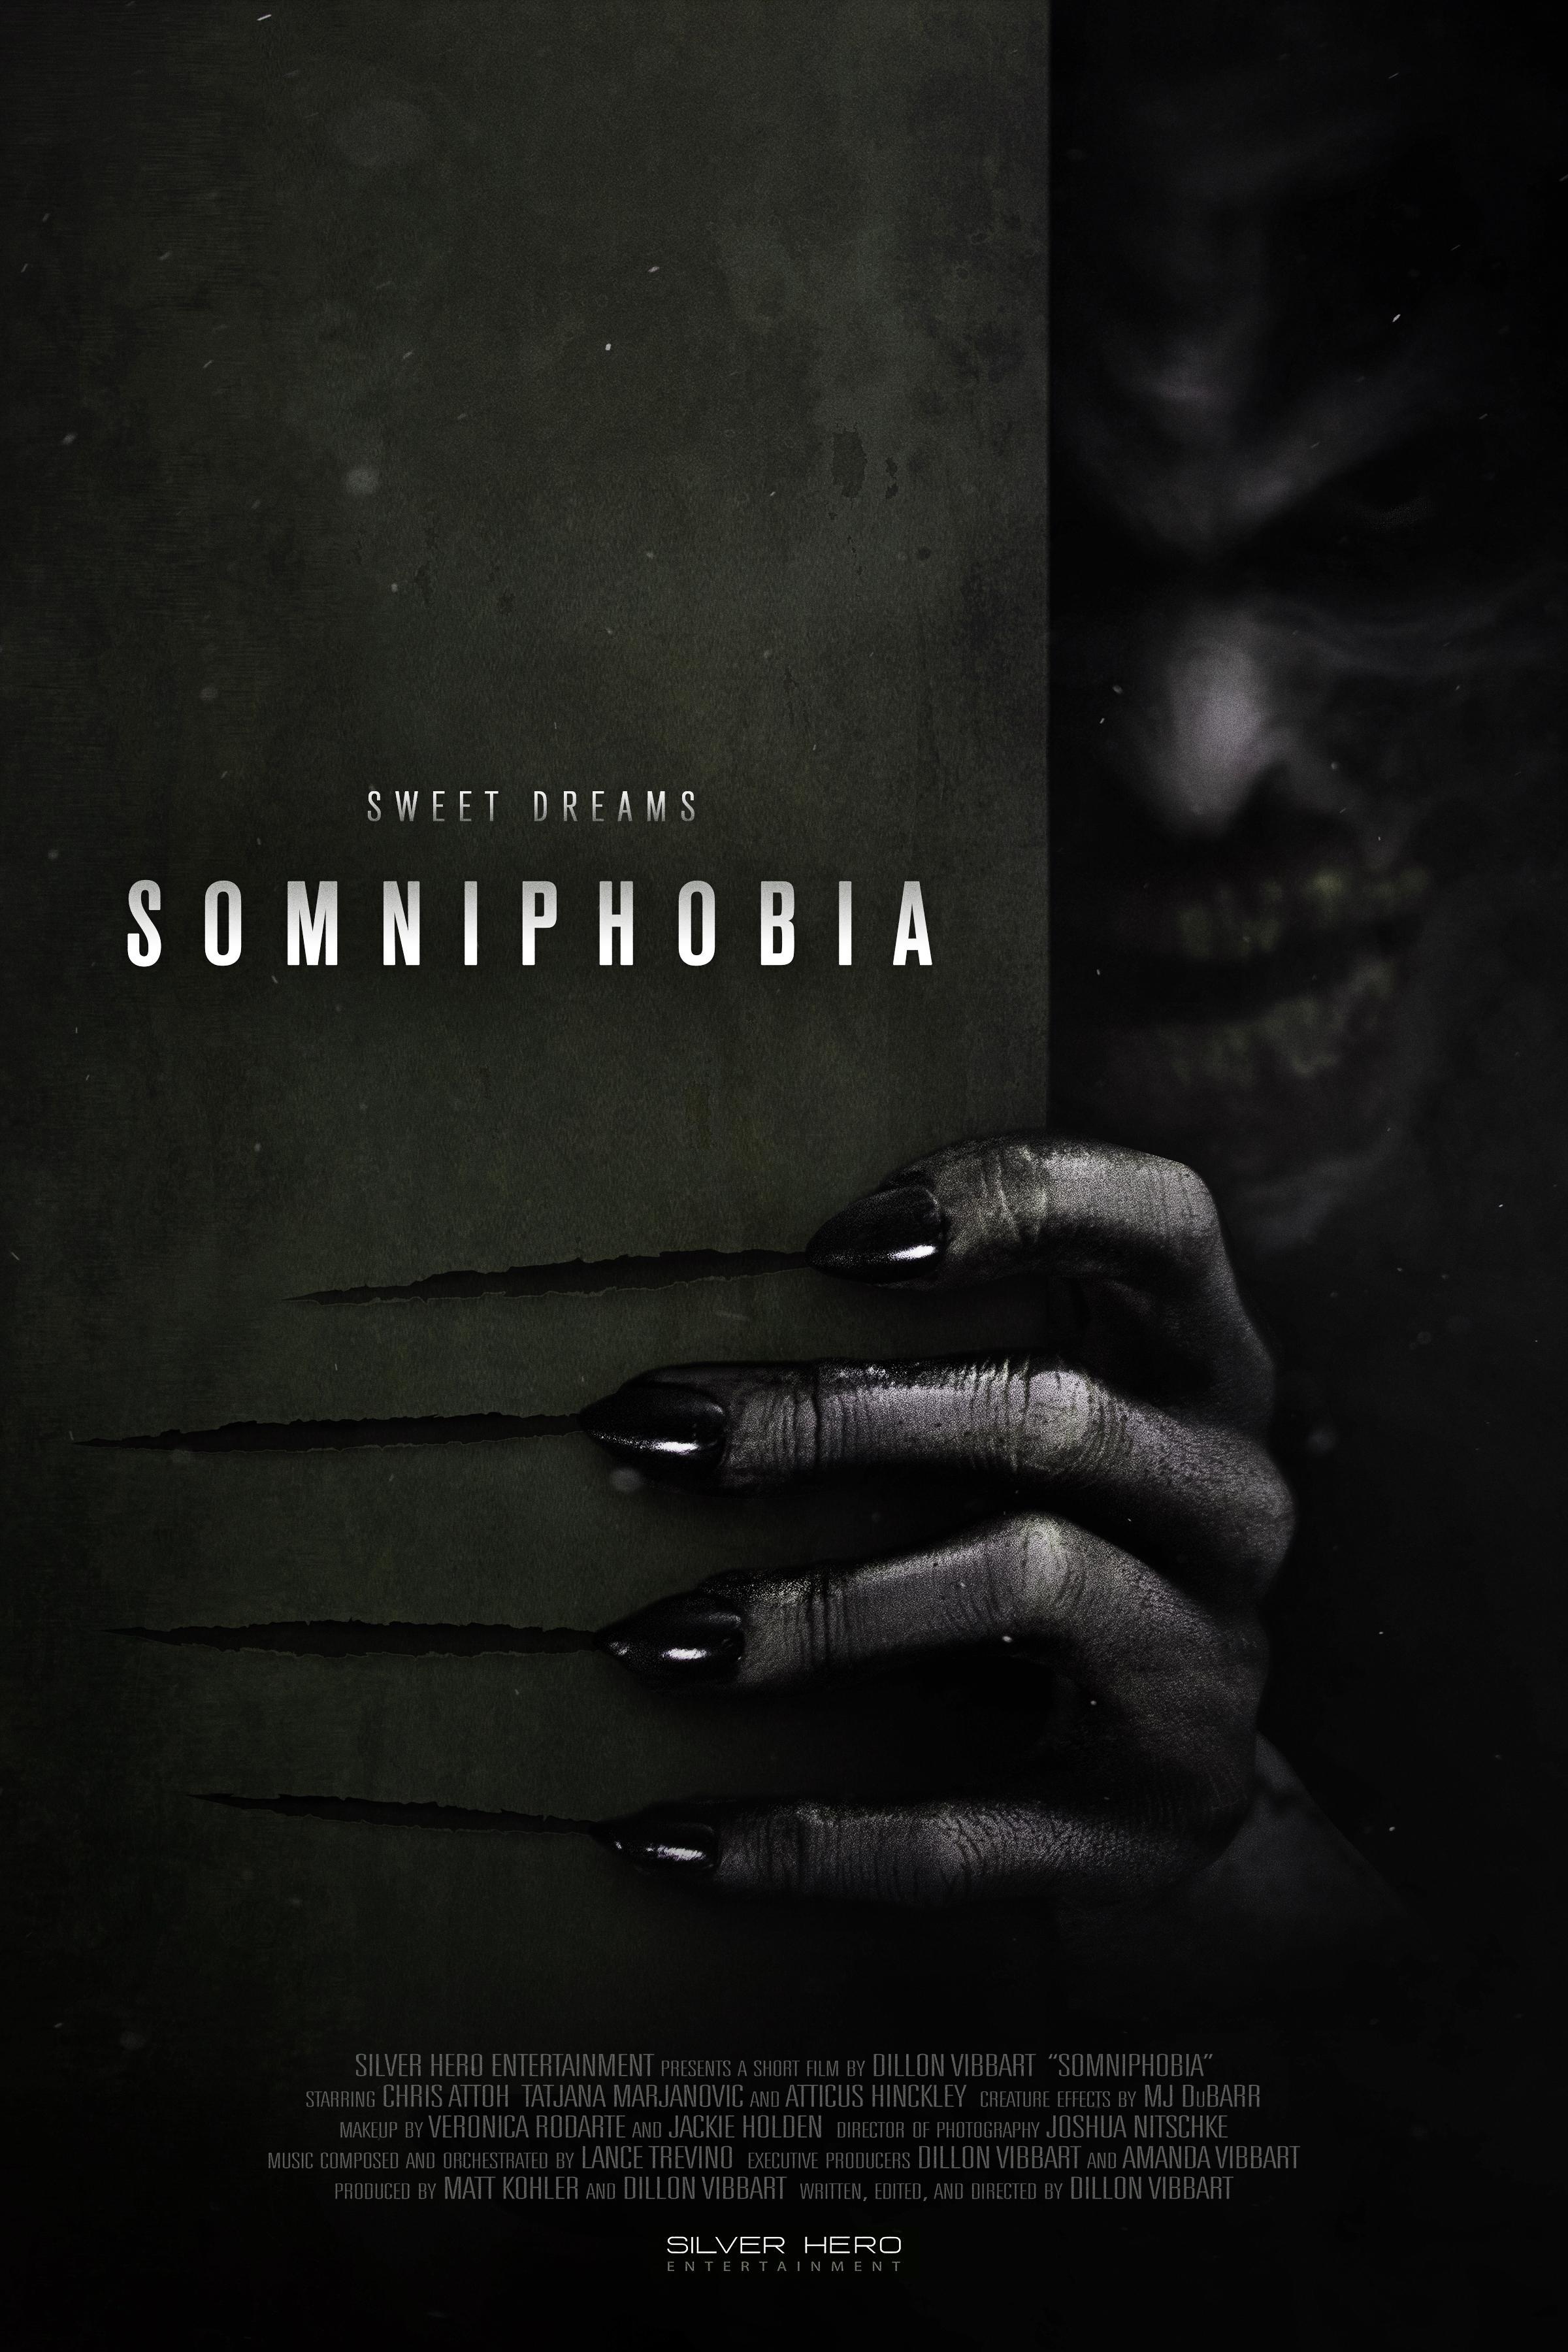 Somniphobia 2021 Imdb